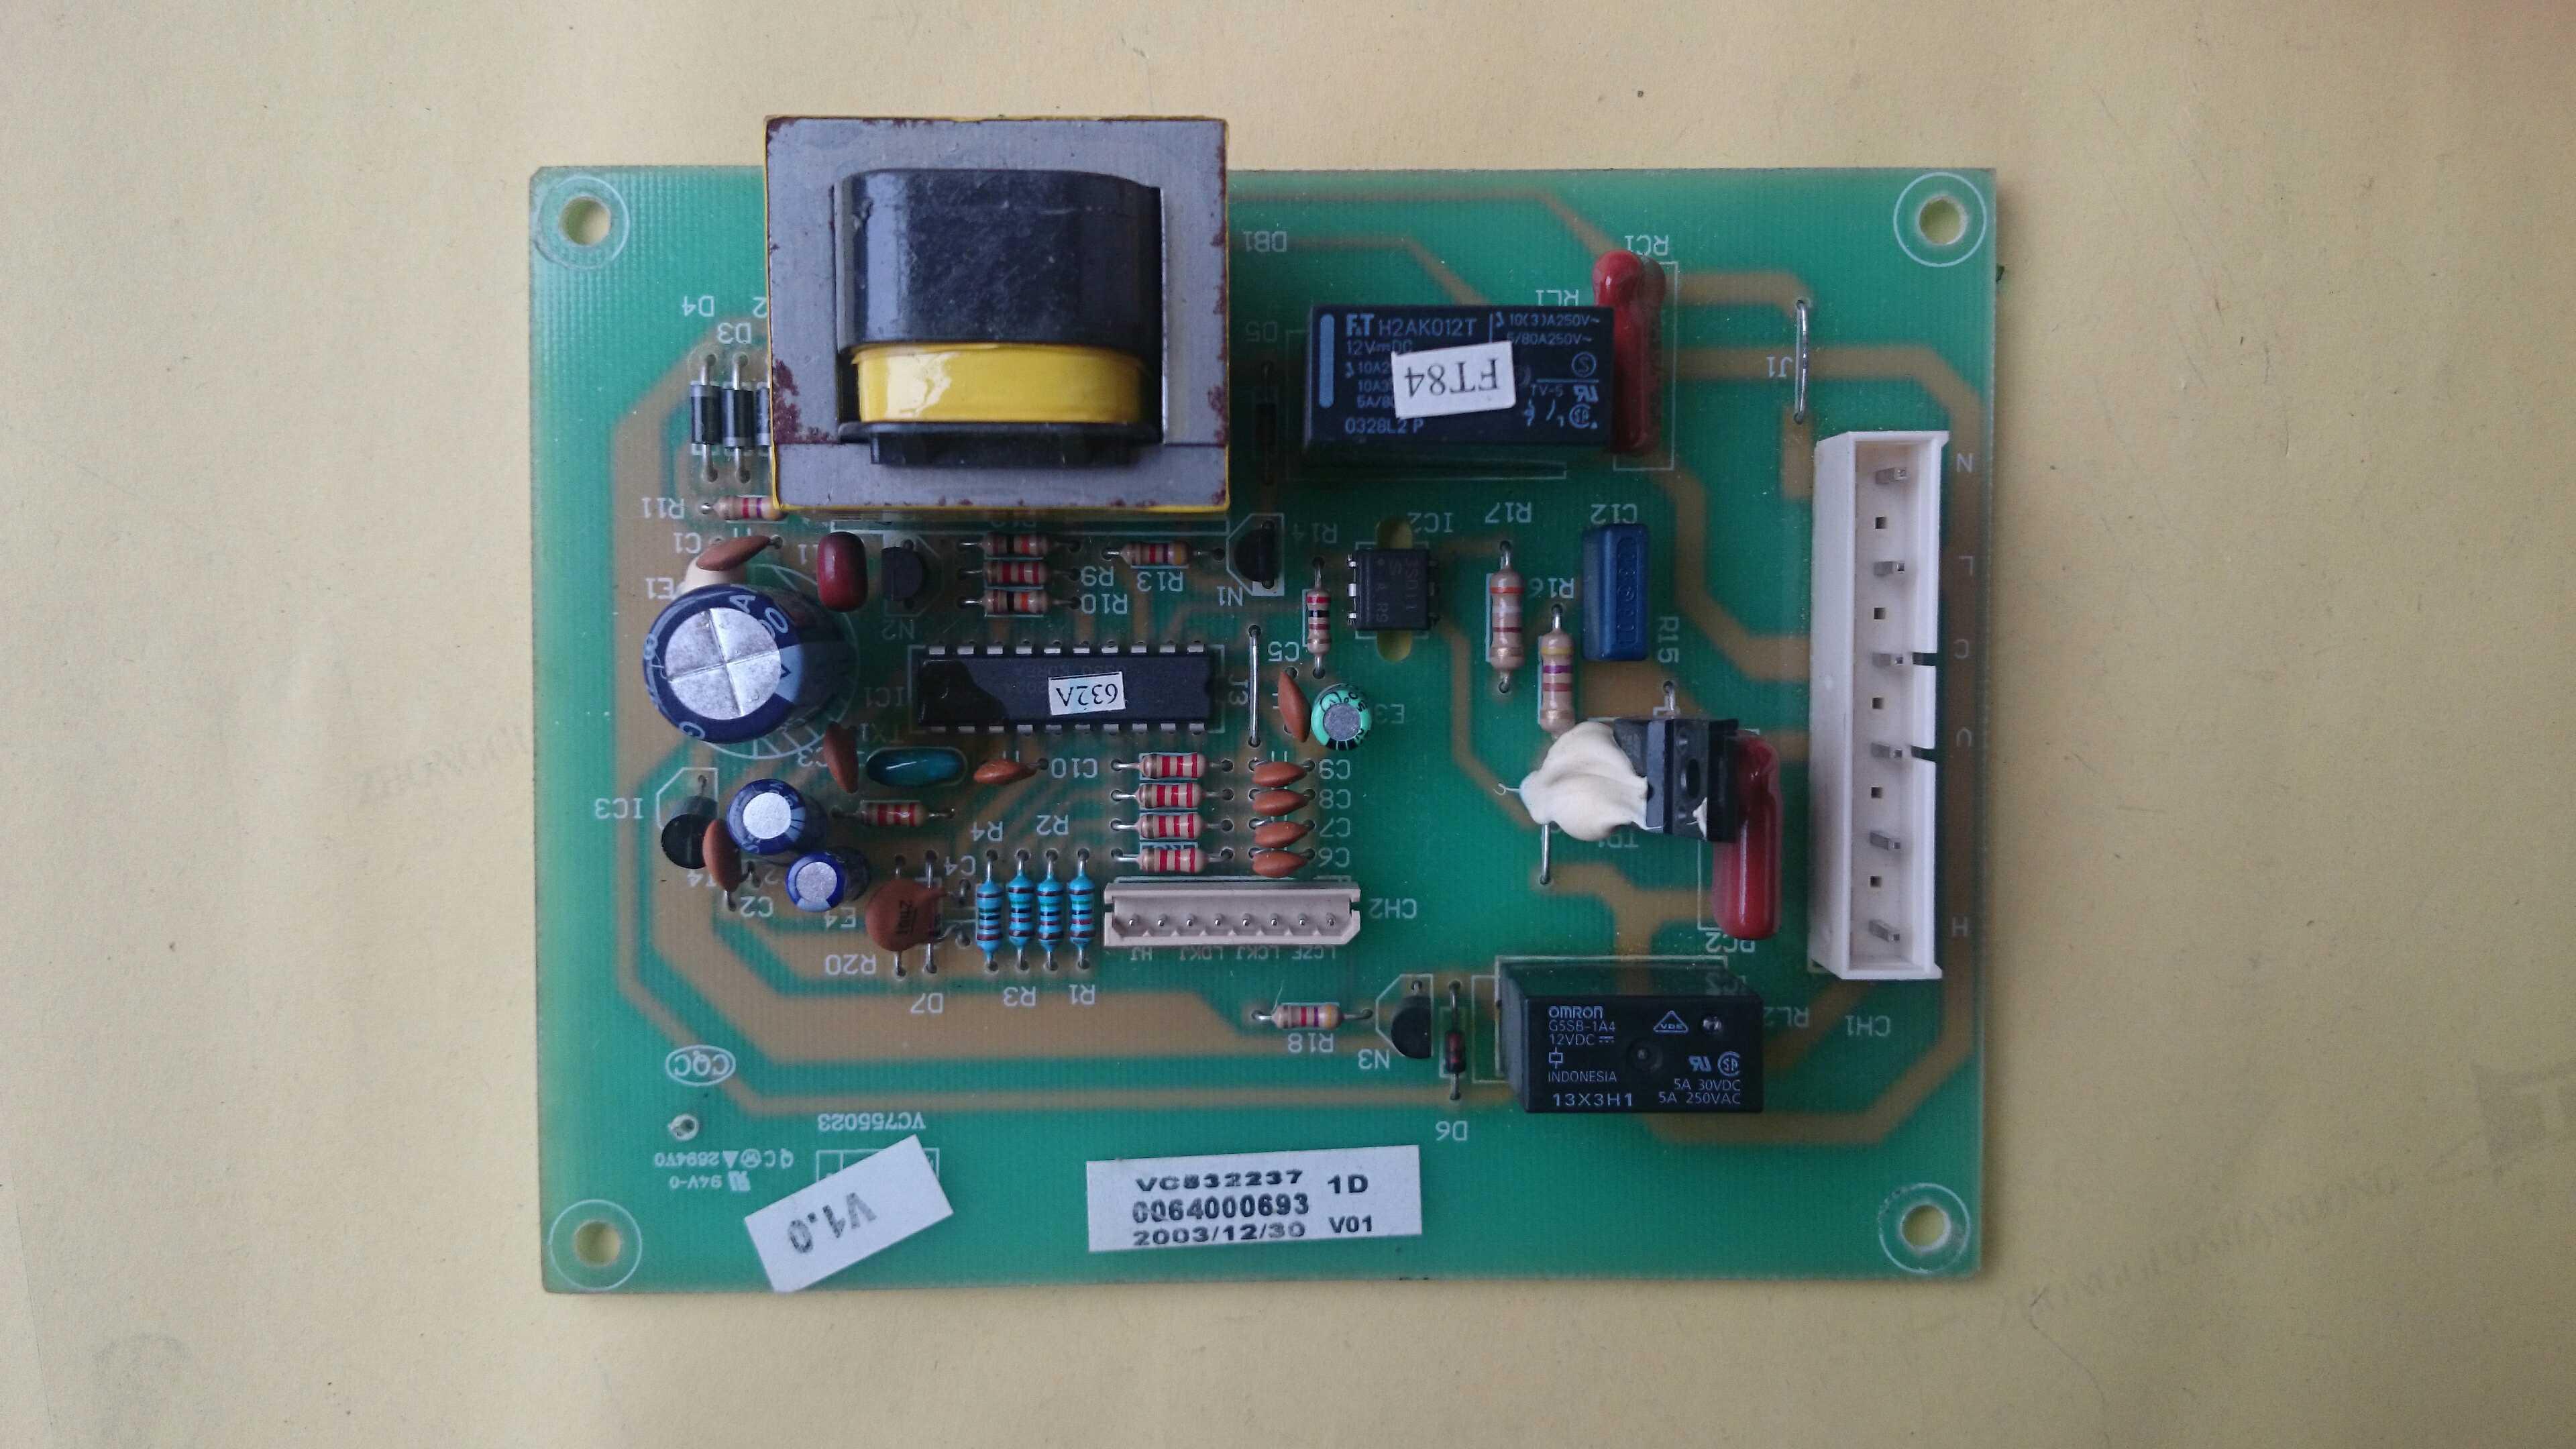 The original Haier refrigerator power main control board 0064000693 for Haier refrigerator BCD-206ZMD haier refrigerator power board main